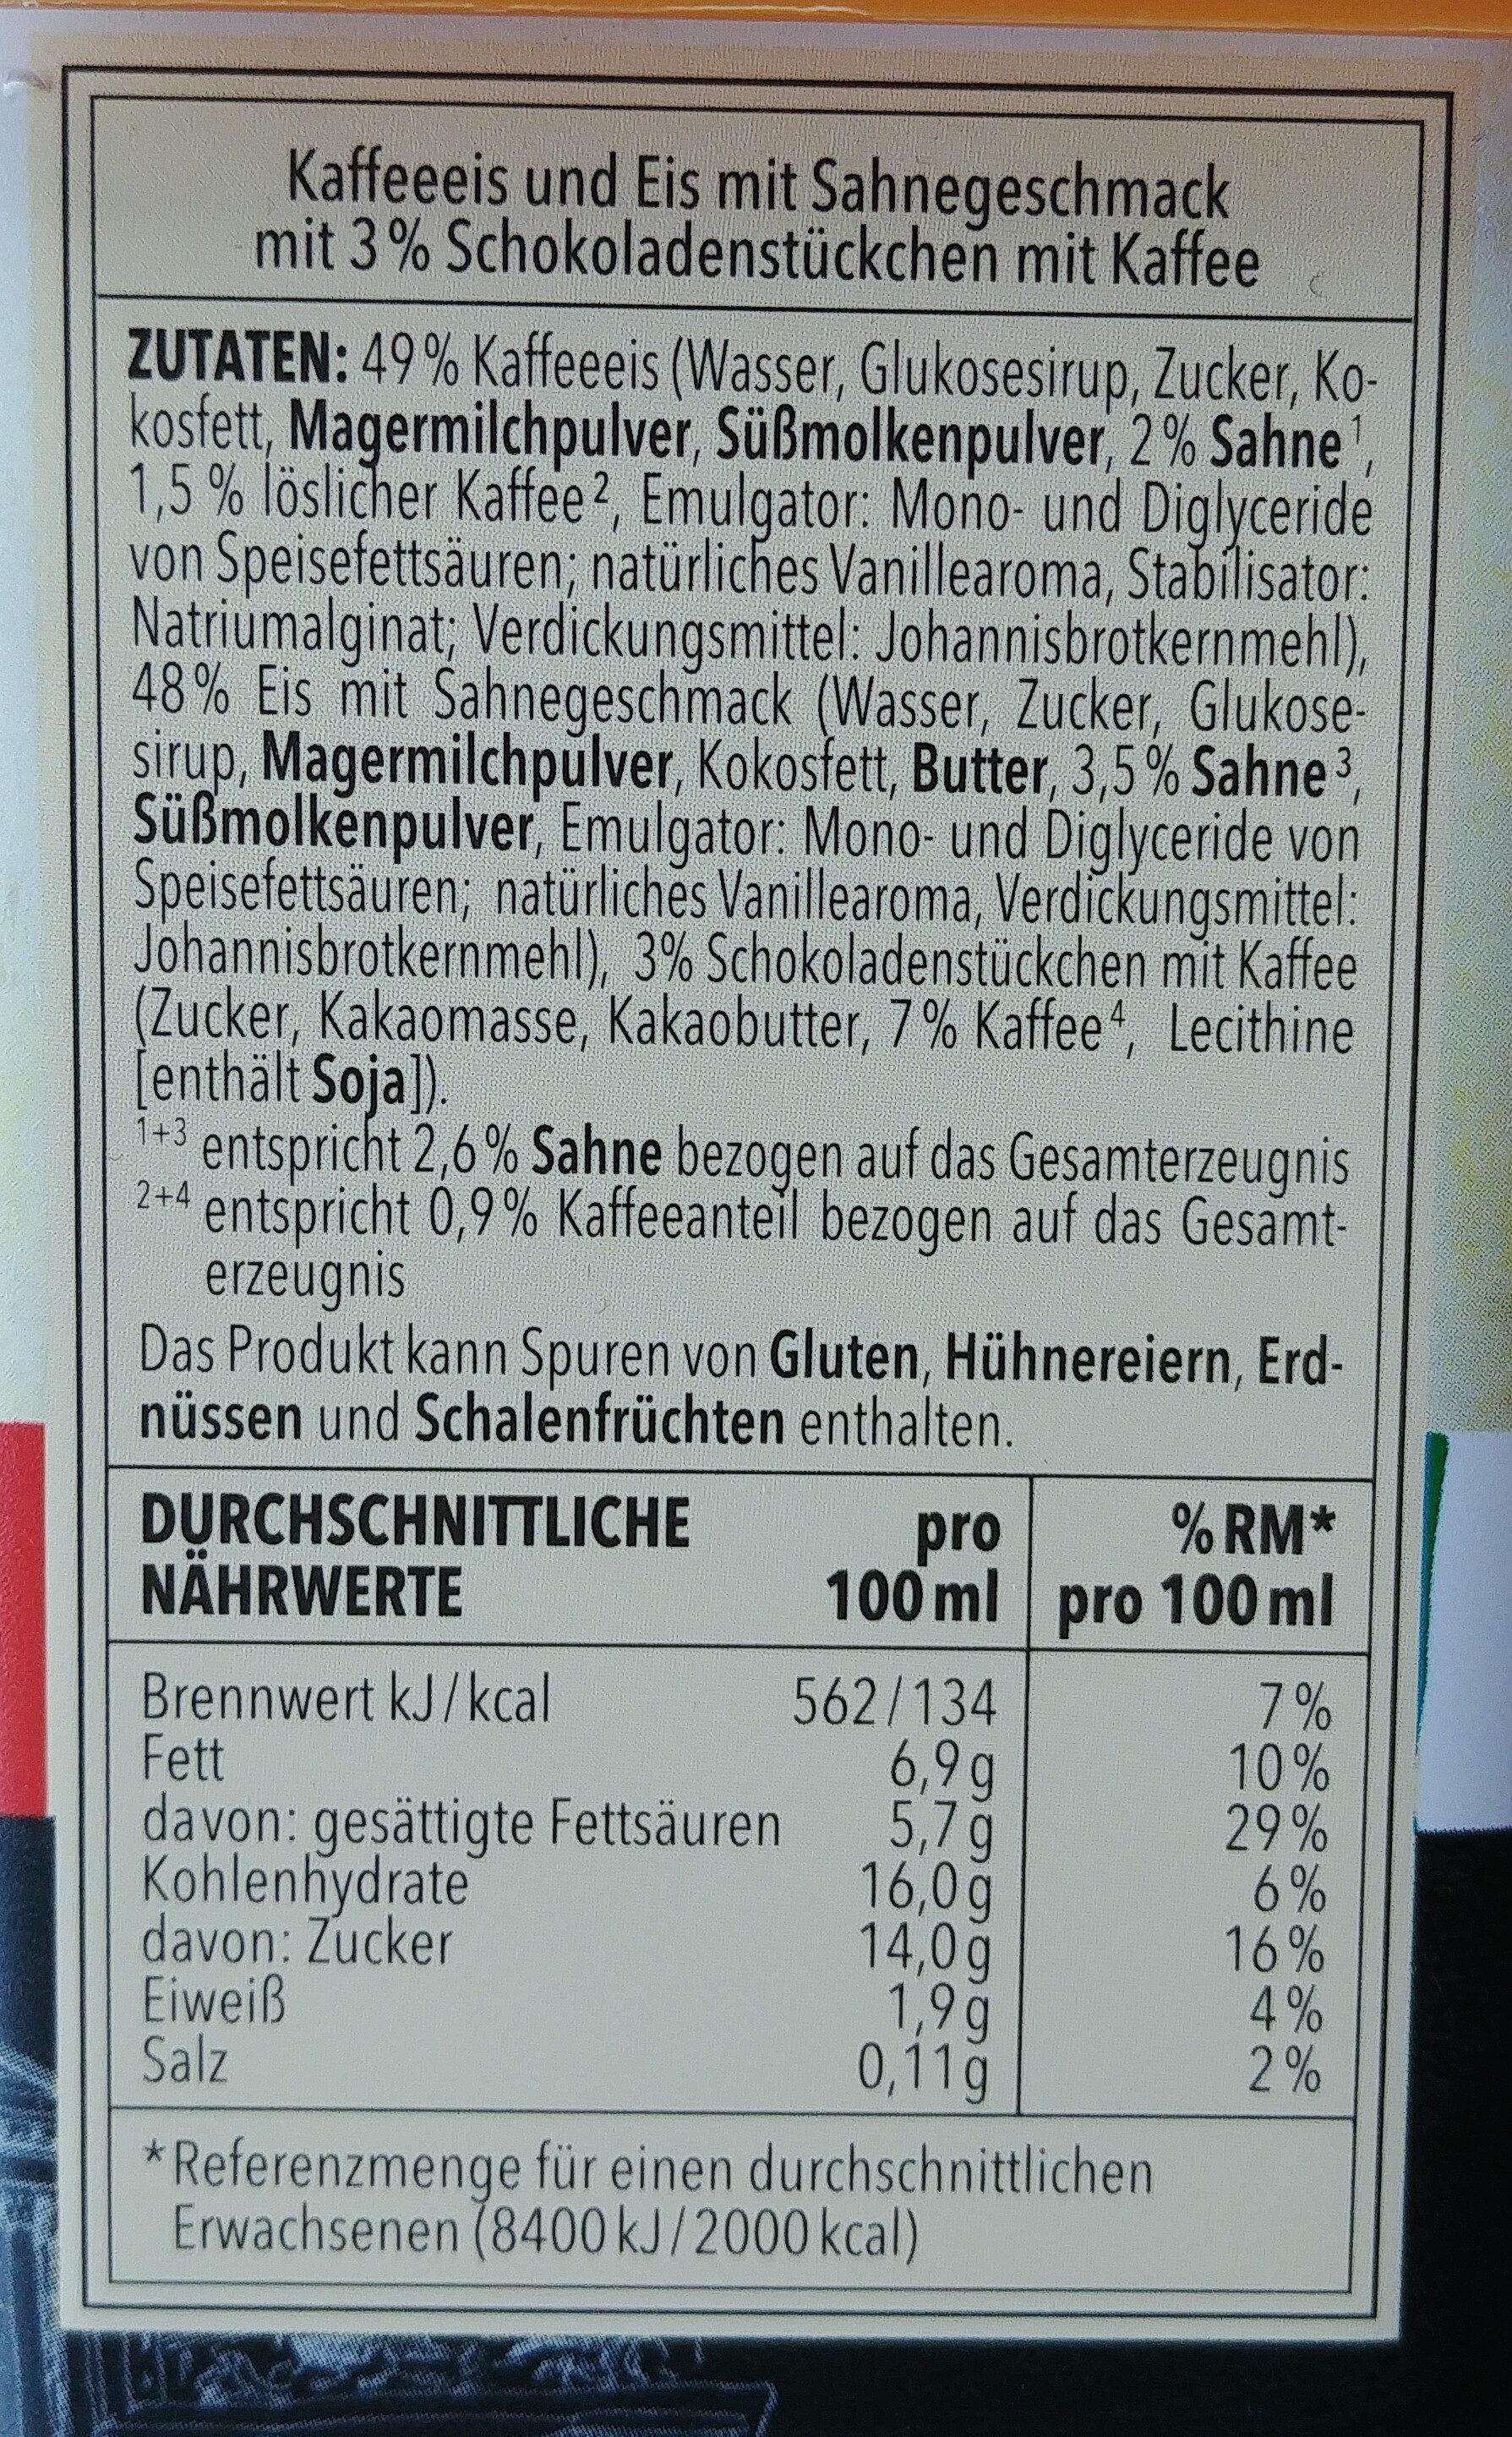 Kaffeeeis und Eis mit Sahnegeschmack mit 3% Schokoladenstückchen mit Kaffee. - Ingrédients